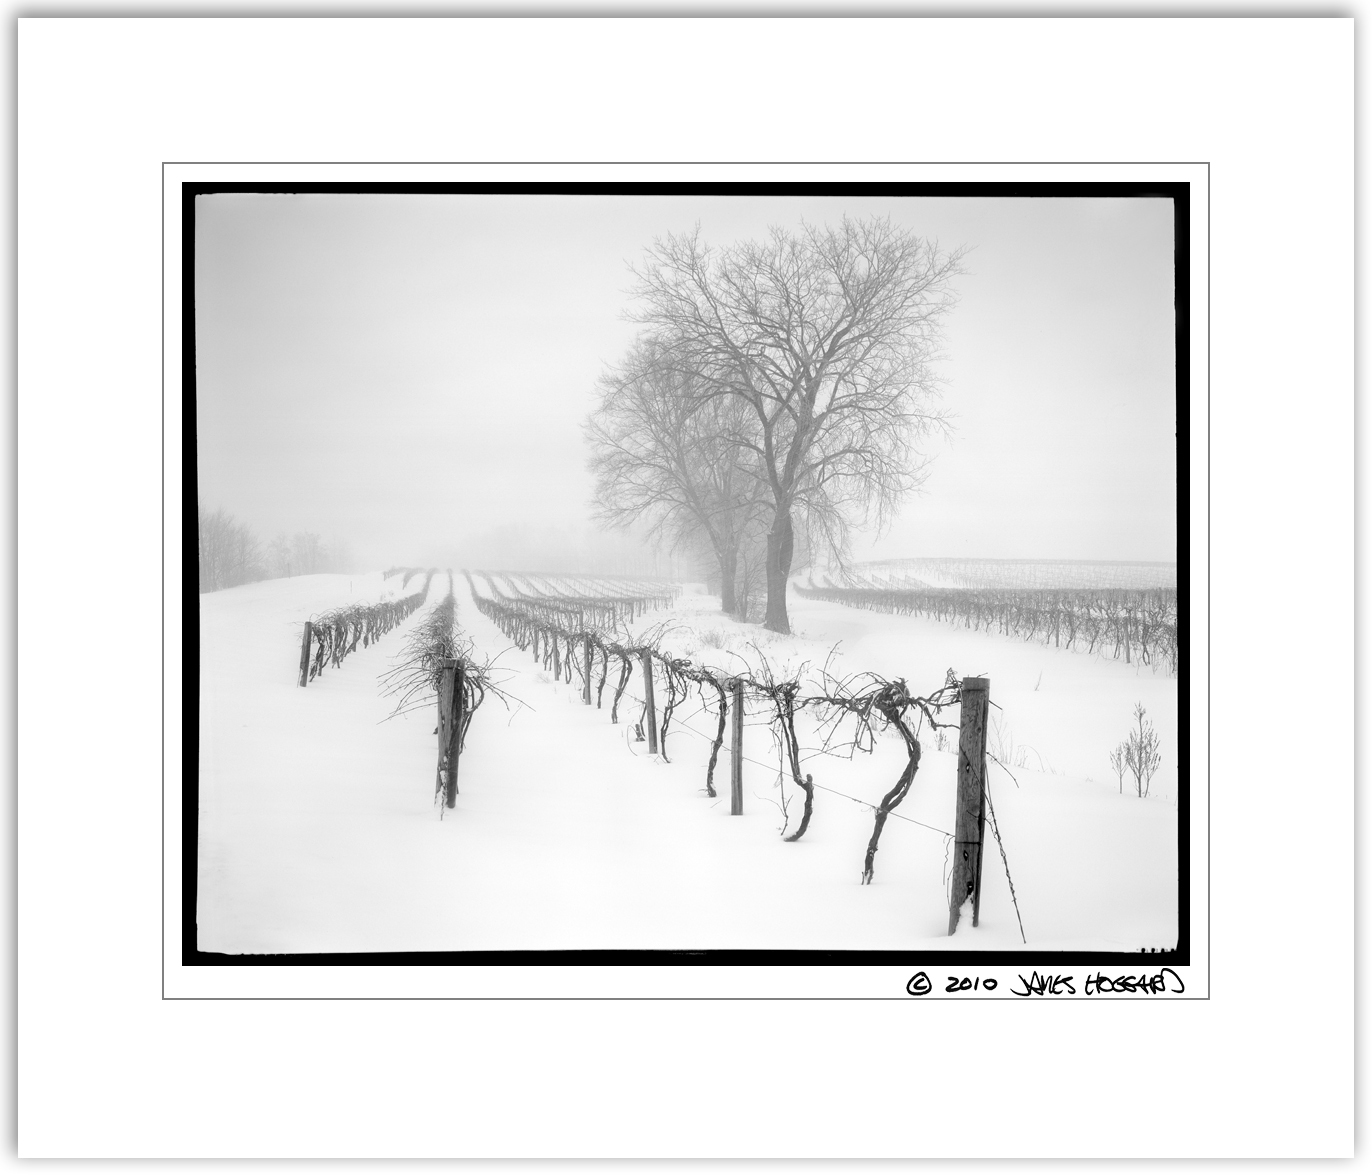 Stormy-VineyardBW